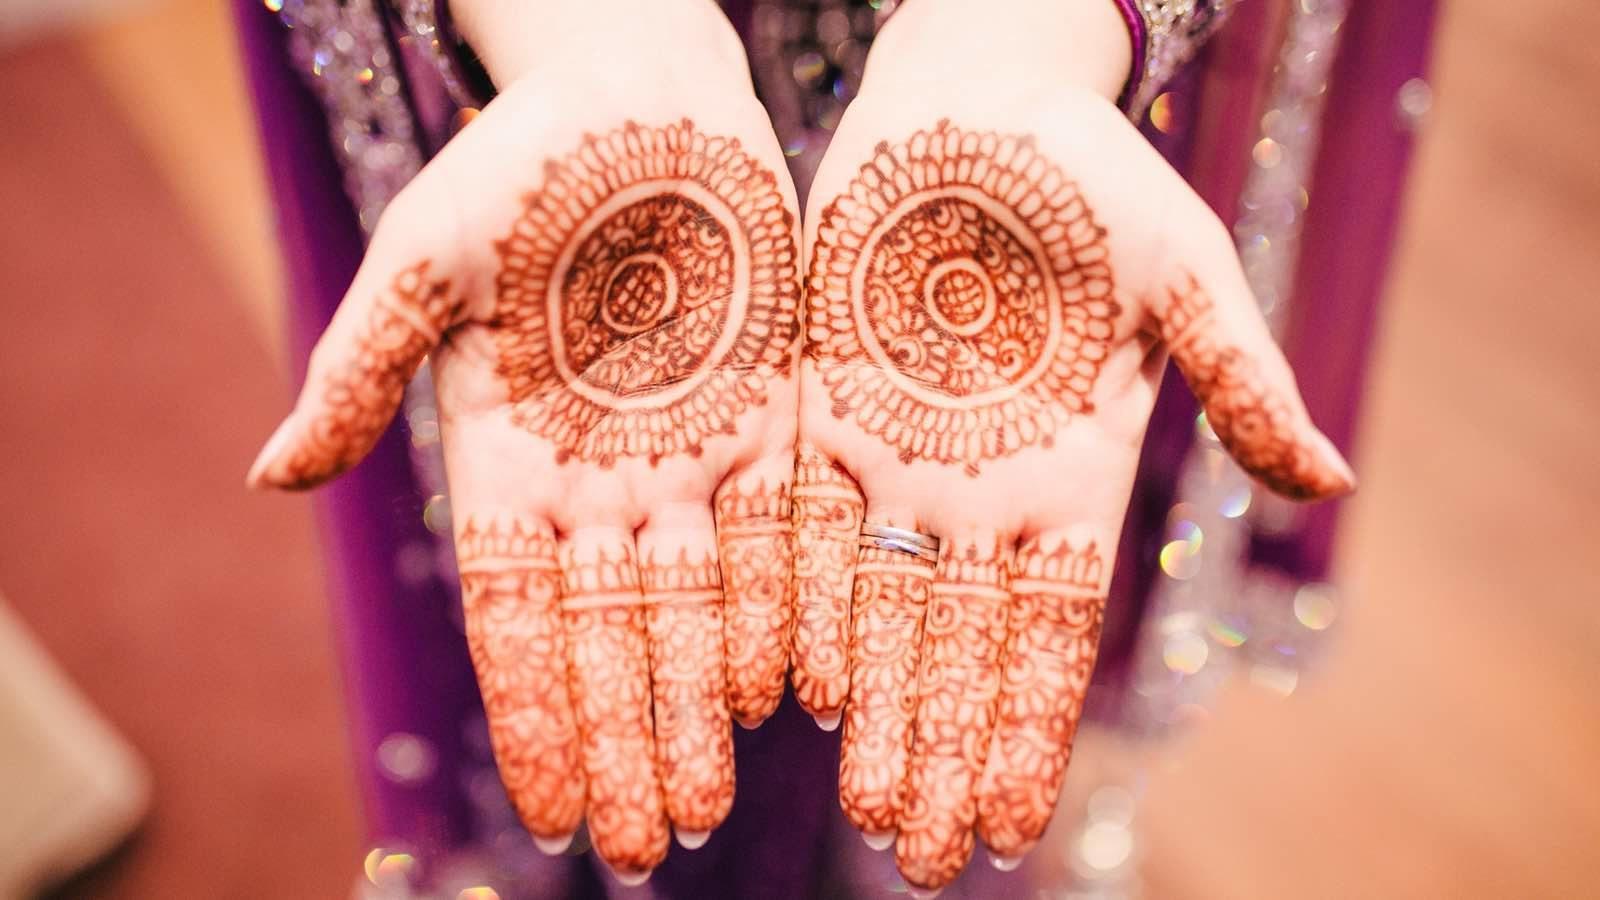 Formal Leicht Henna Abend Kleid Türkisch GalerieAbend Großartig Henna Abend Kleid Türkisch Galerie